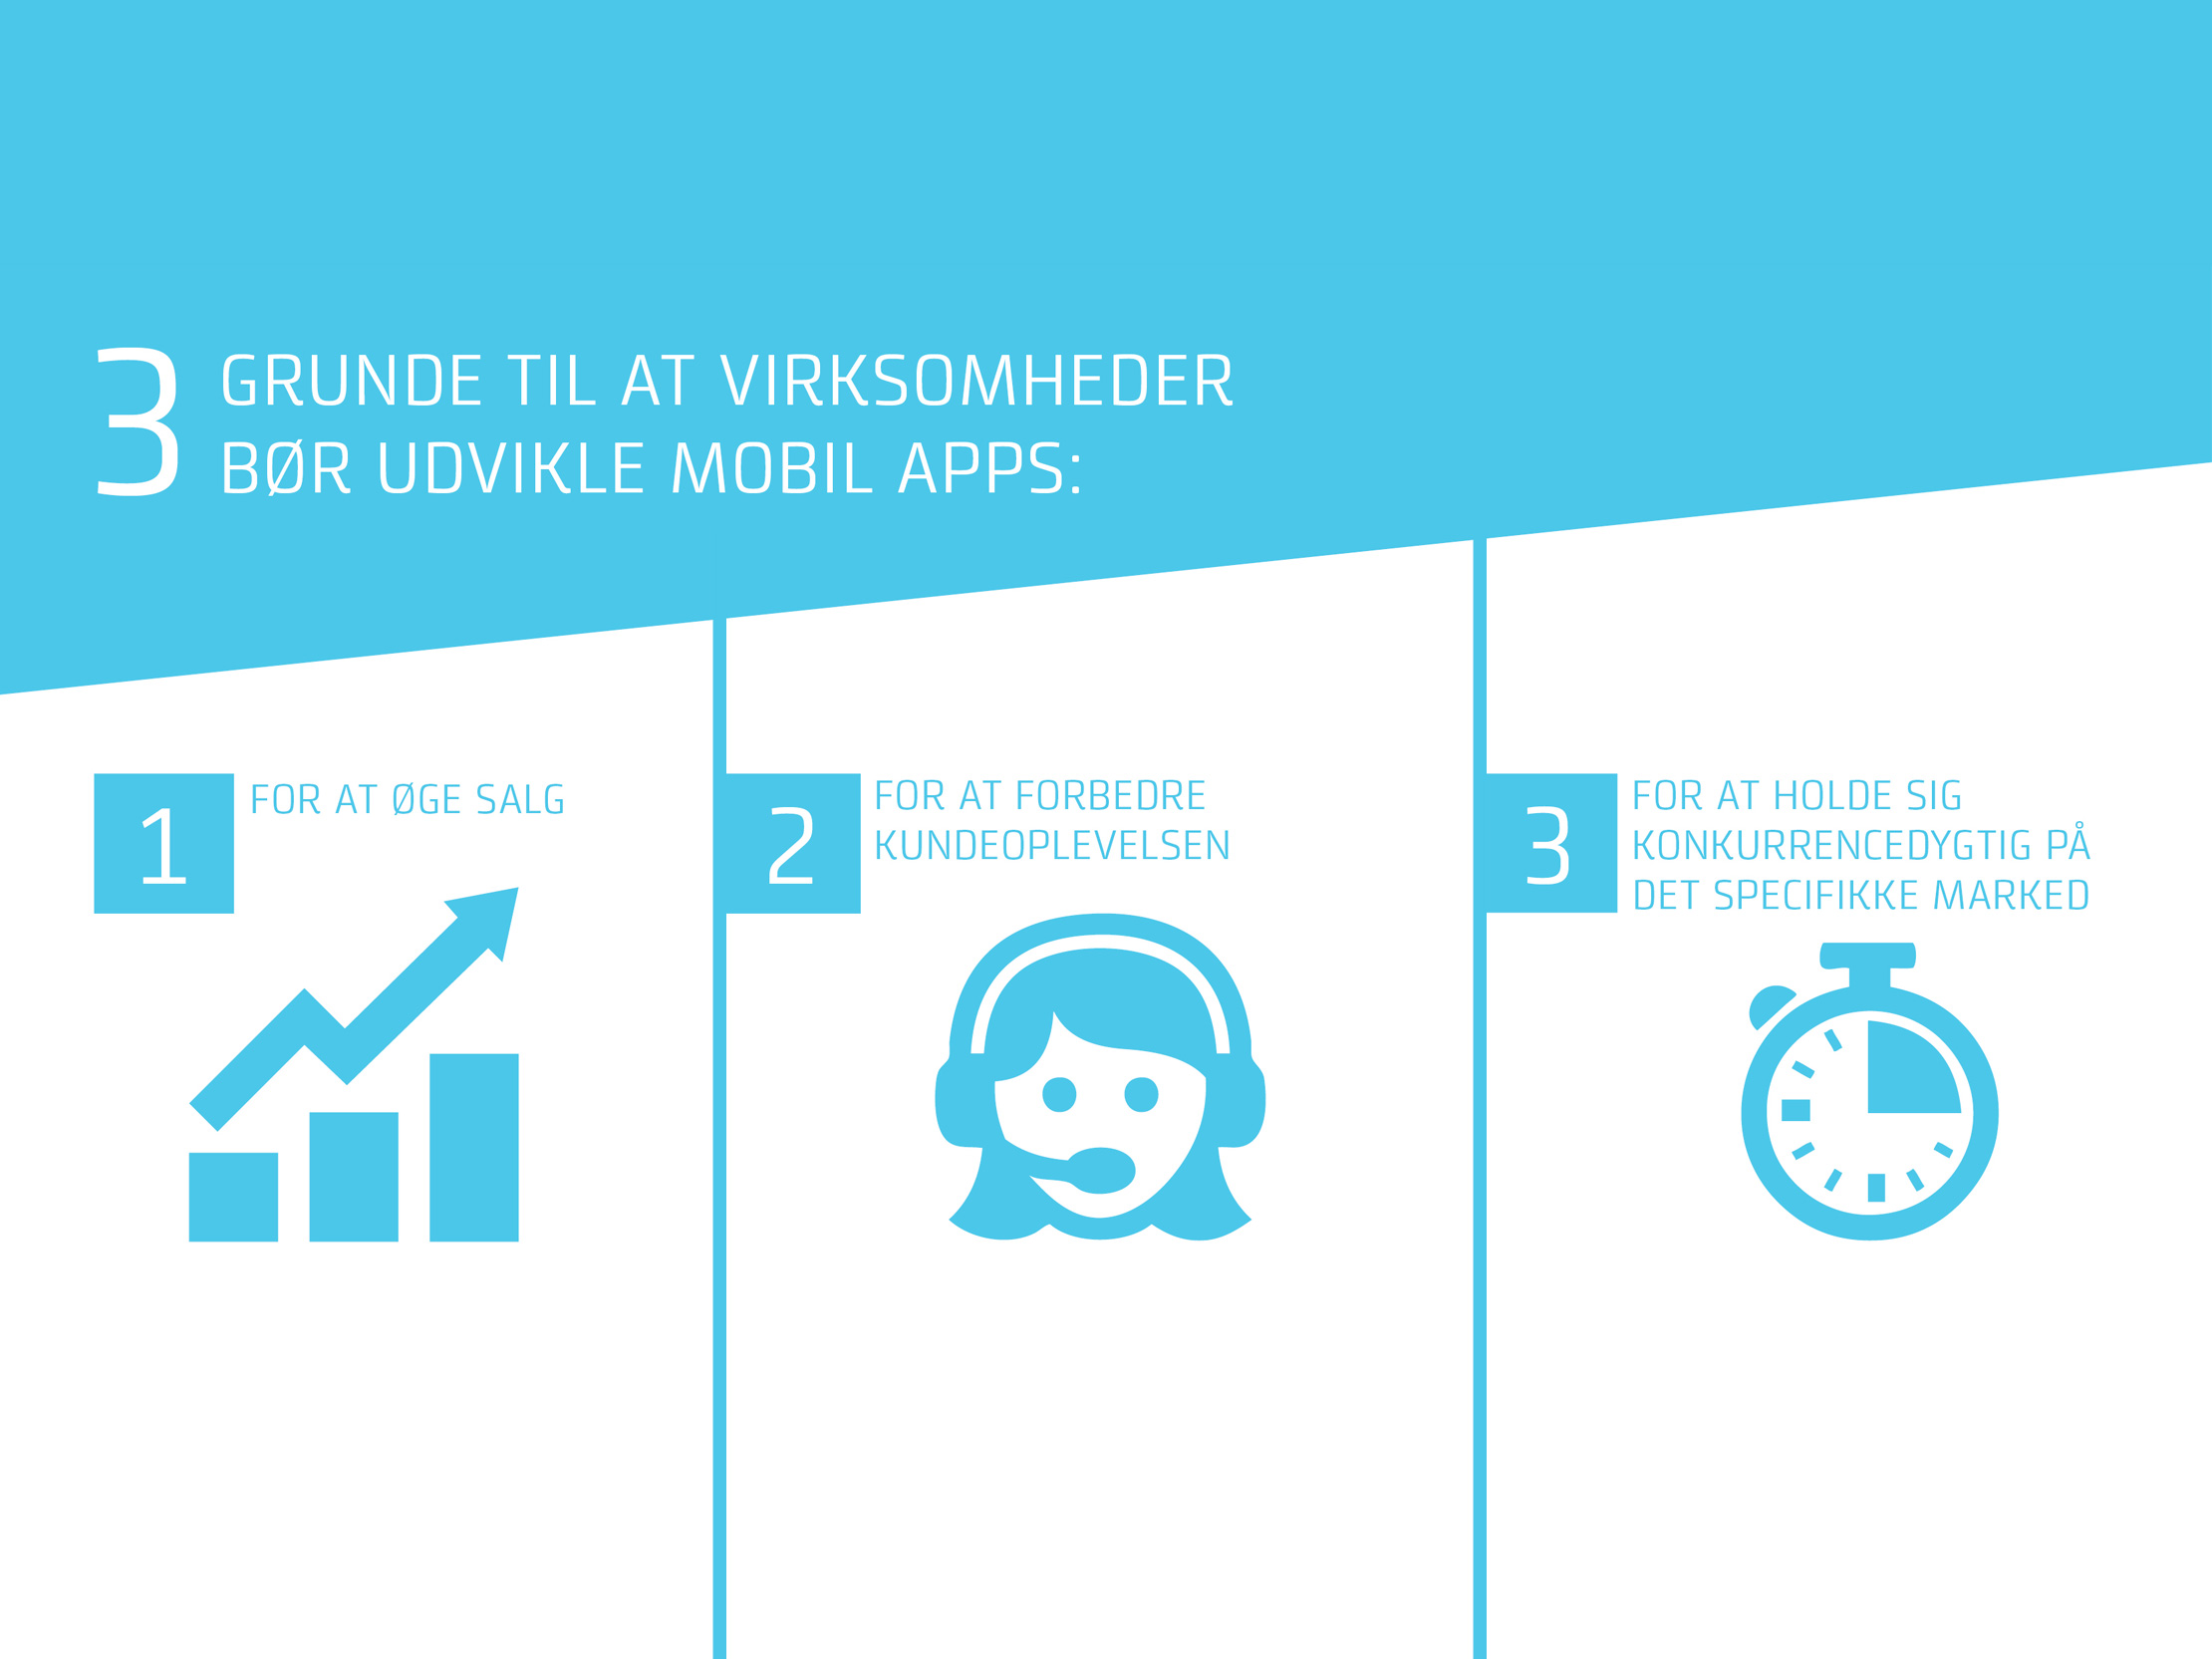 3 grunde til at virksomheder bør udvikle mobile apps